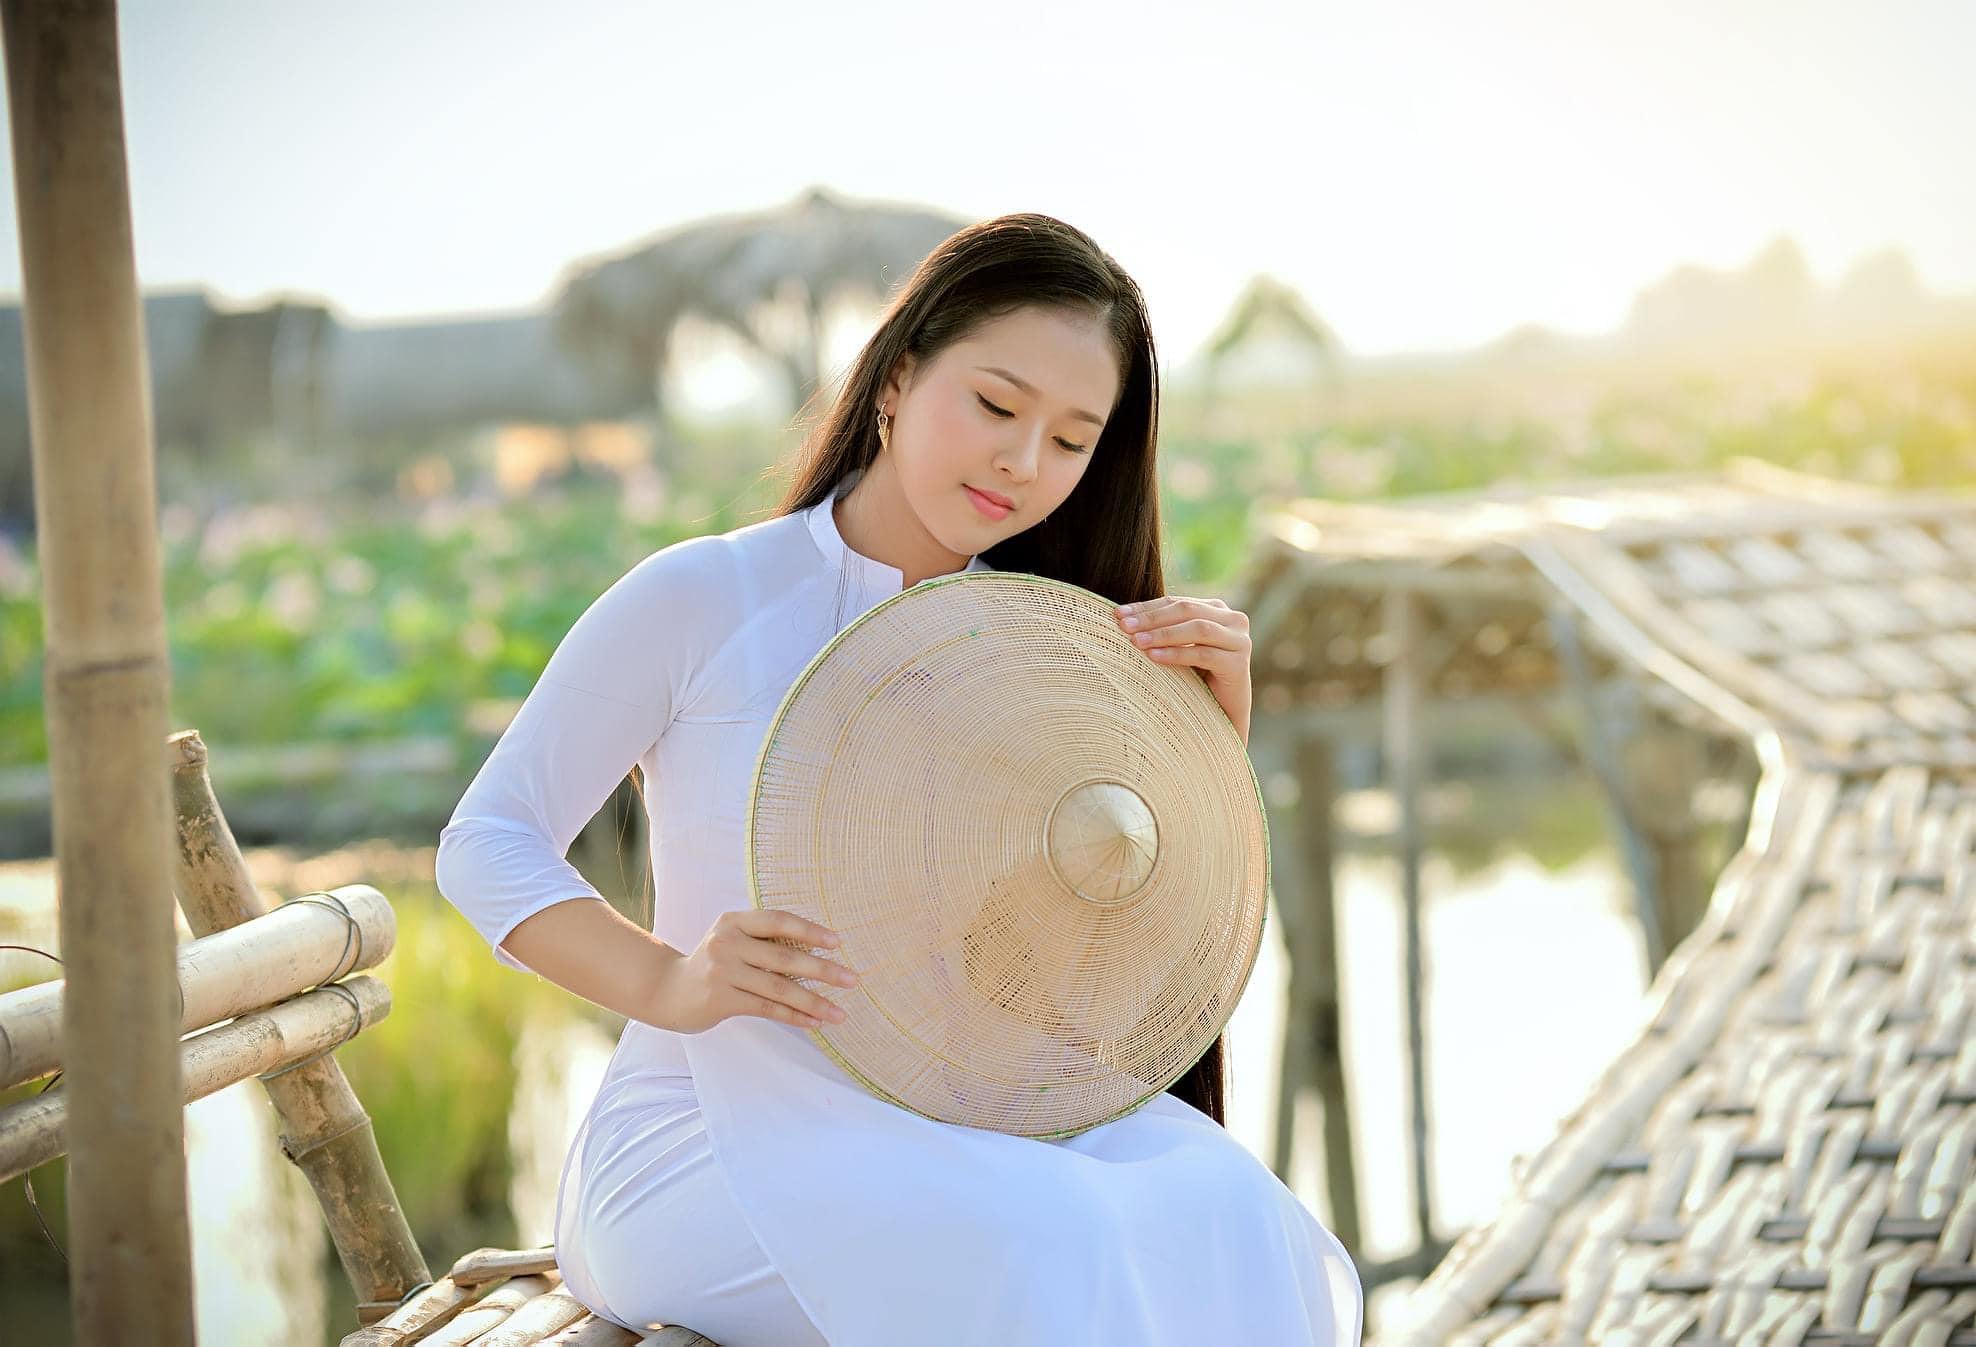 Tuyển tập girl xinh gái đẹp Việt Nam mặc áo dài đẹp mê hồn #57 - 21